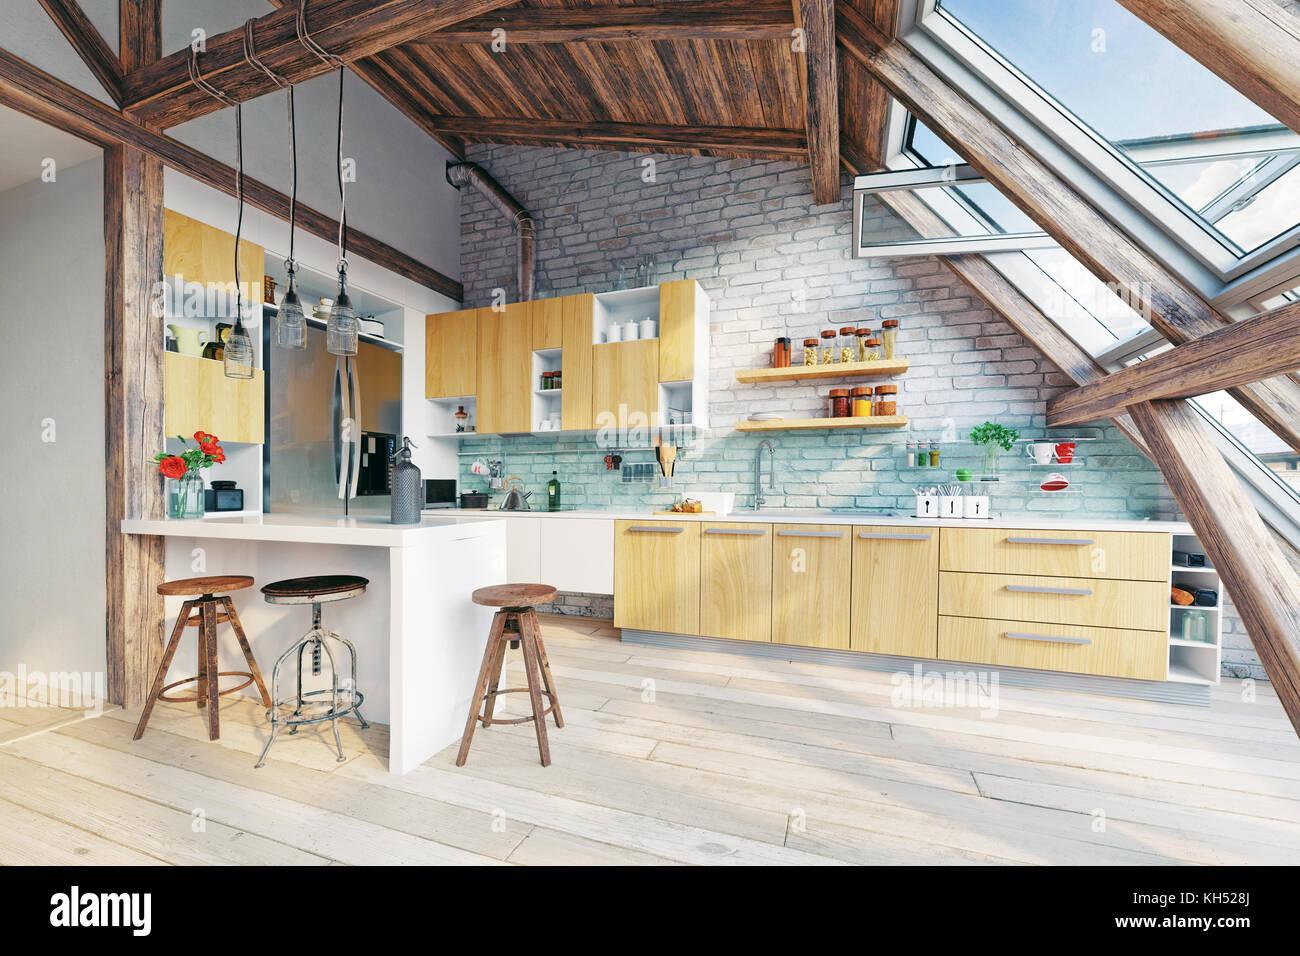 Cocina ático moderno interior. Concepto de representación 3D Imagen De Stock